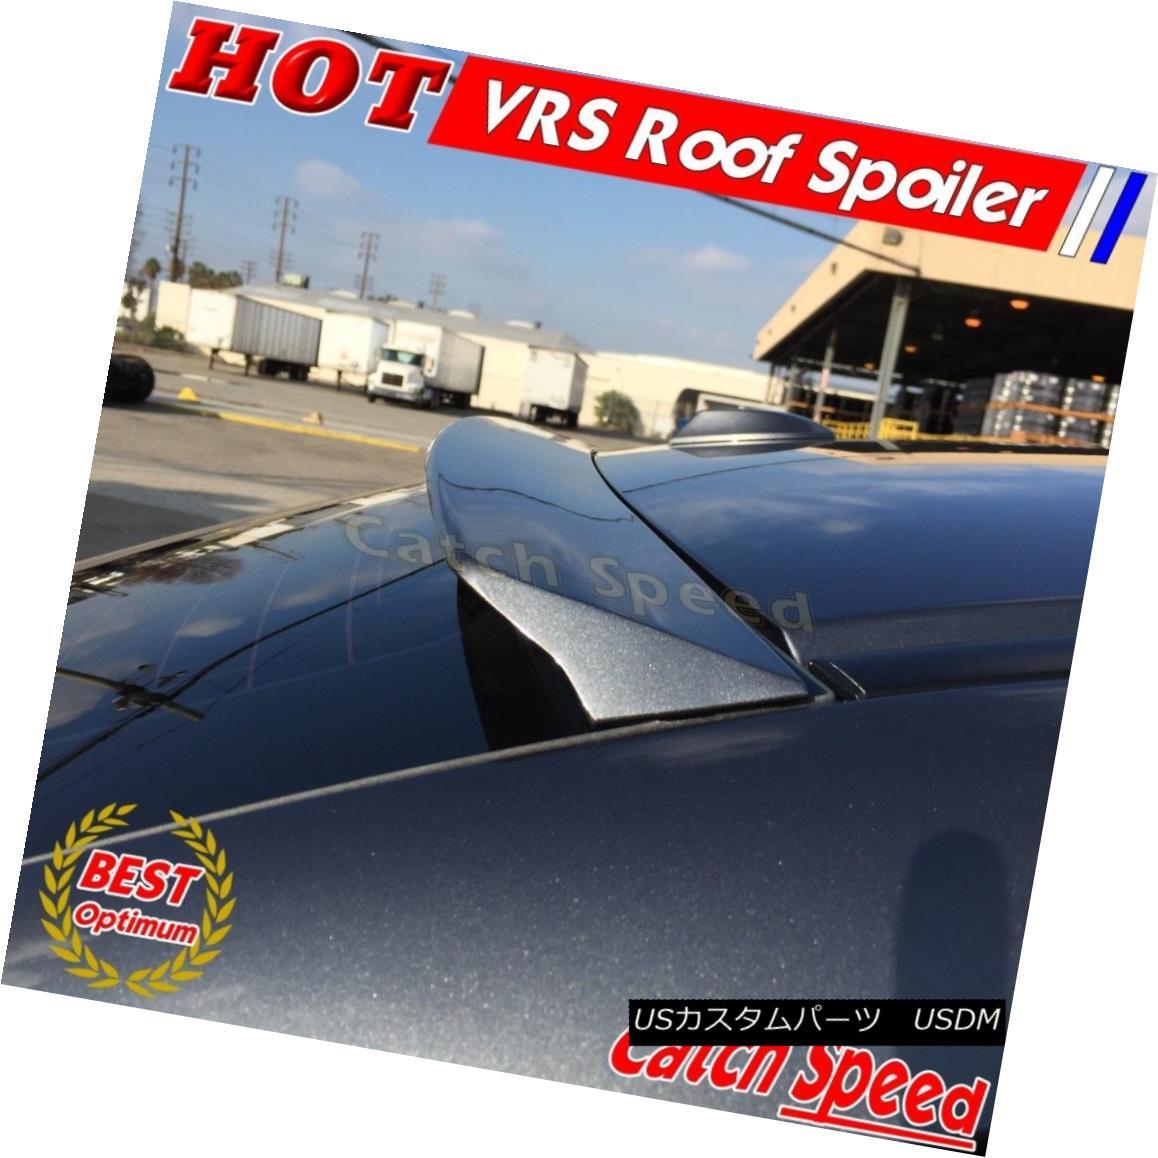 エアロパーツ Painted VRS Type Rear Roof Spoiler For Hyundai Elantra/Avante 2007~2010 Sedan Hyundai Elantra / Avante 2007年?2010年セダン用VRSタイプのリアルーフスポイラーを塗装